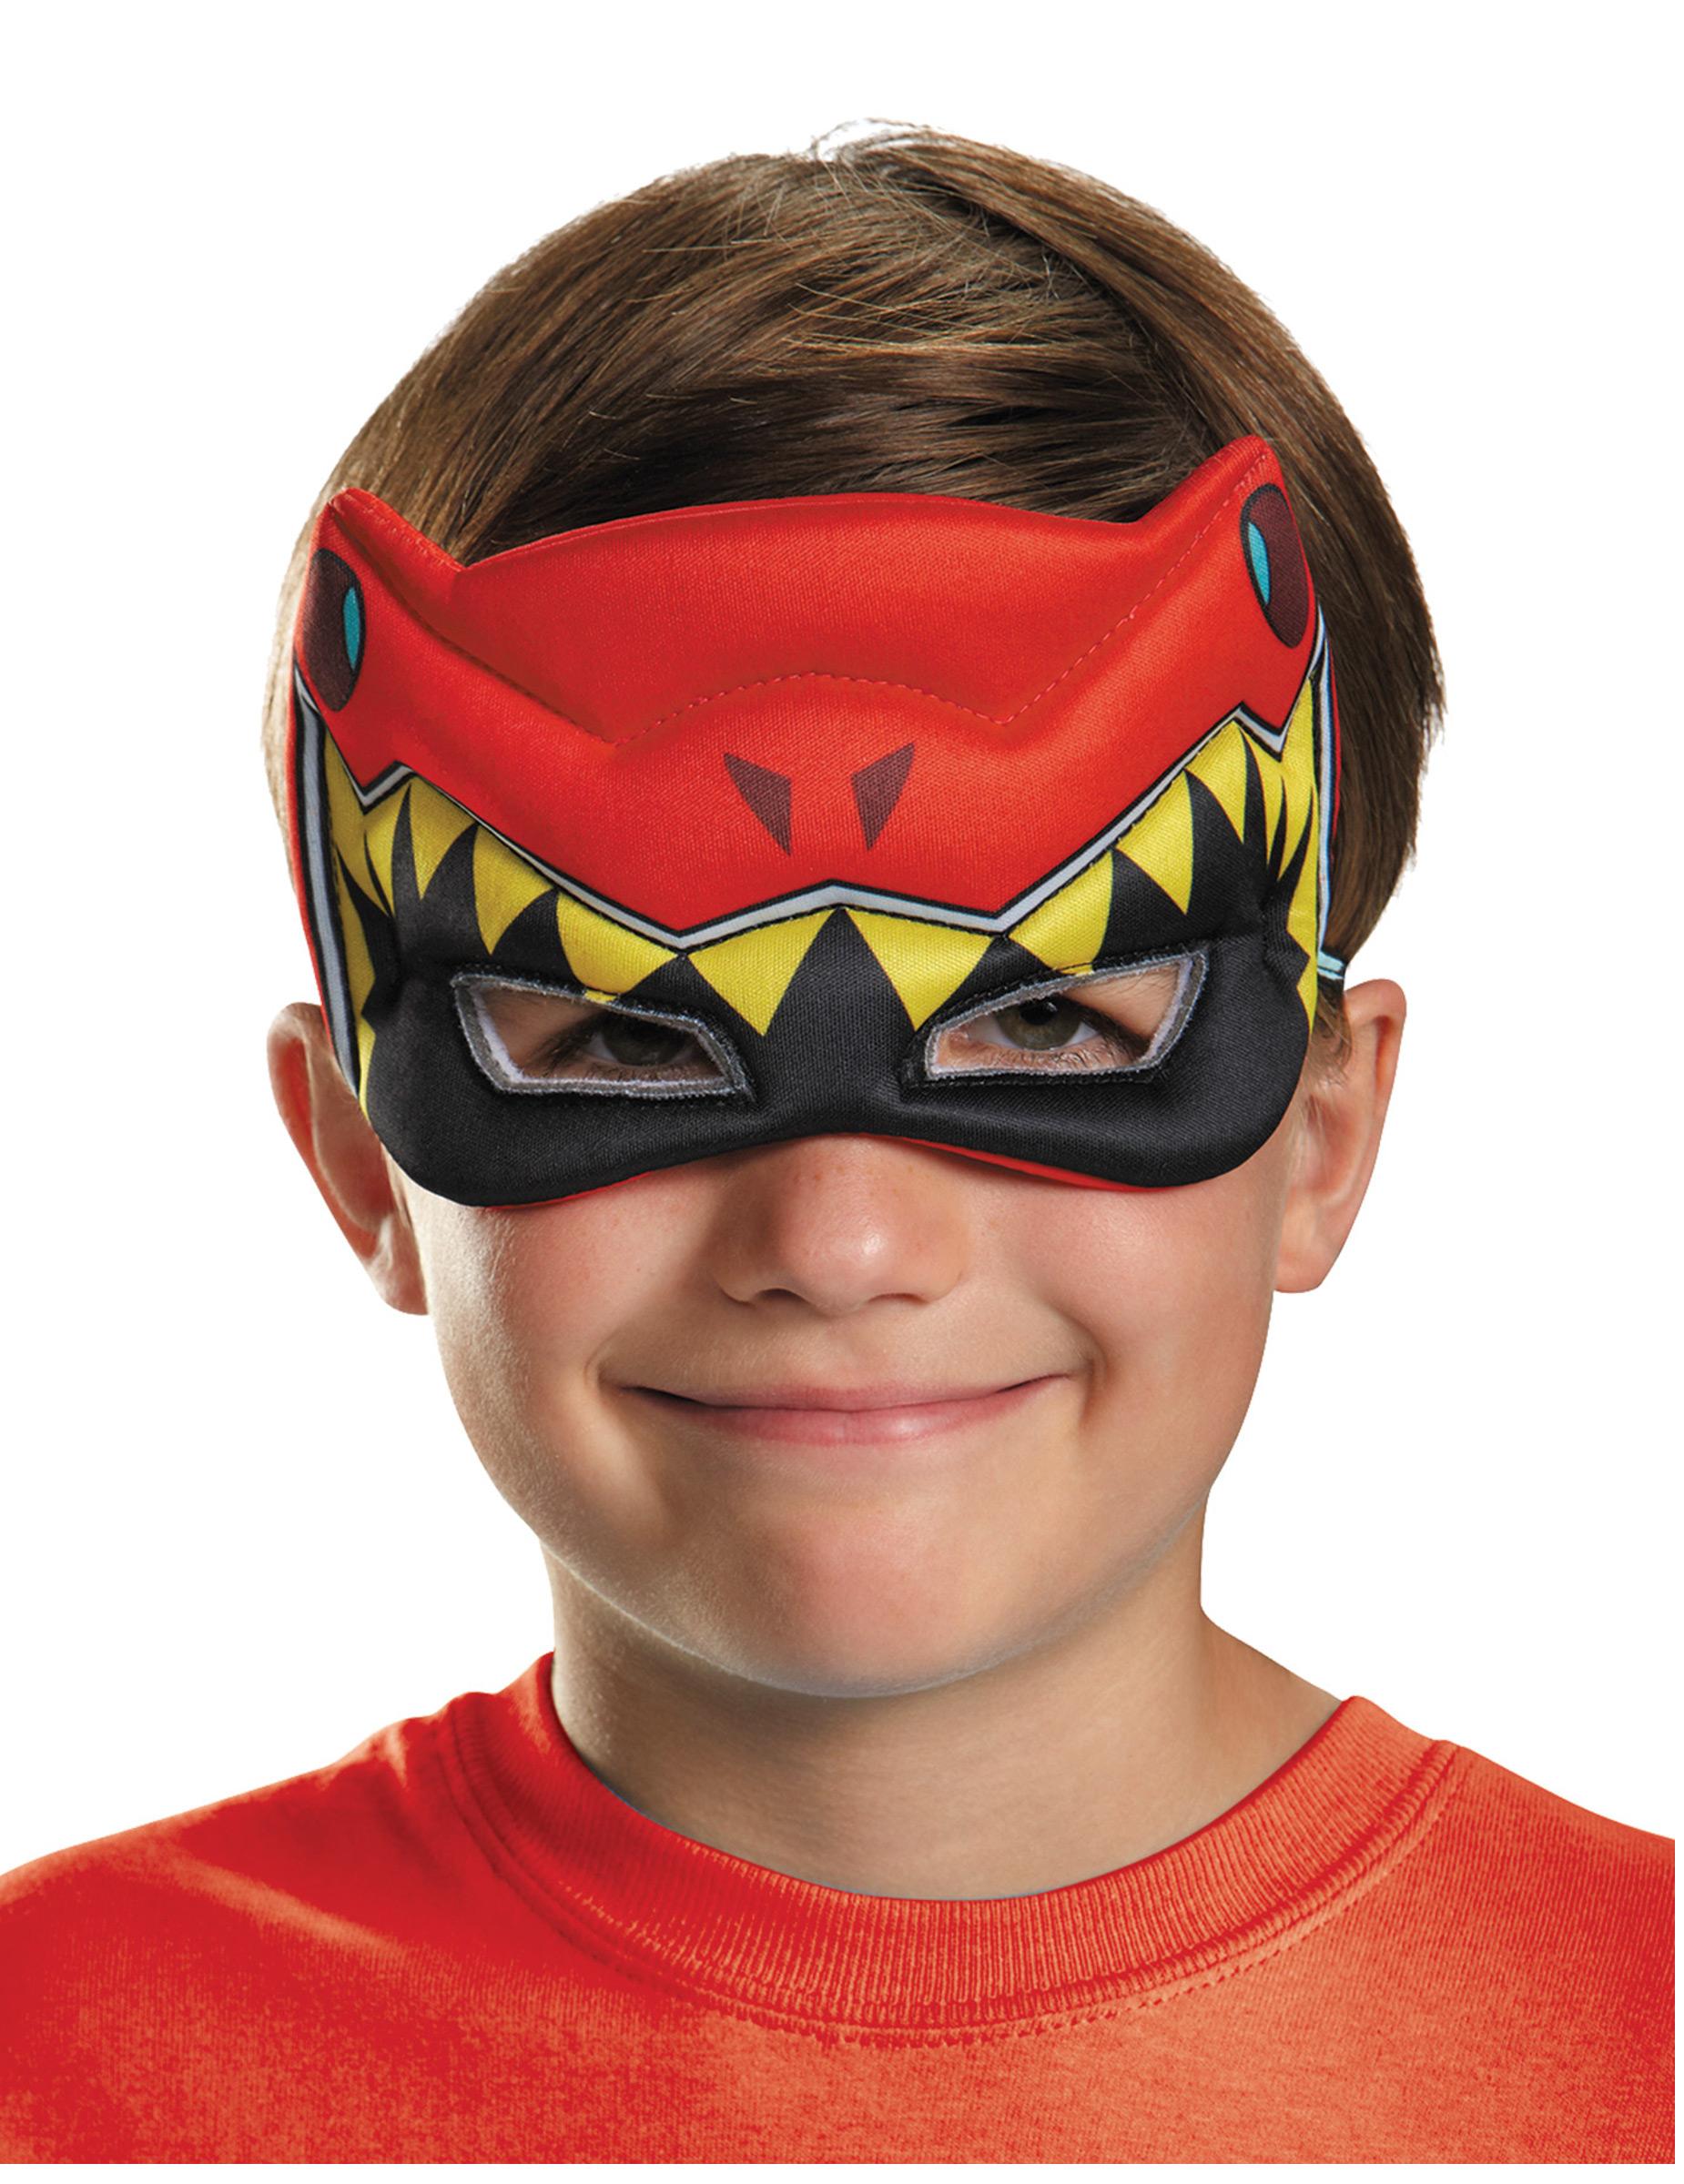 Demi masque power rangers dinocharge rouge enfant - Masque de power rangers ...